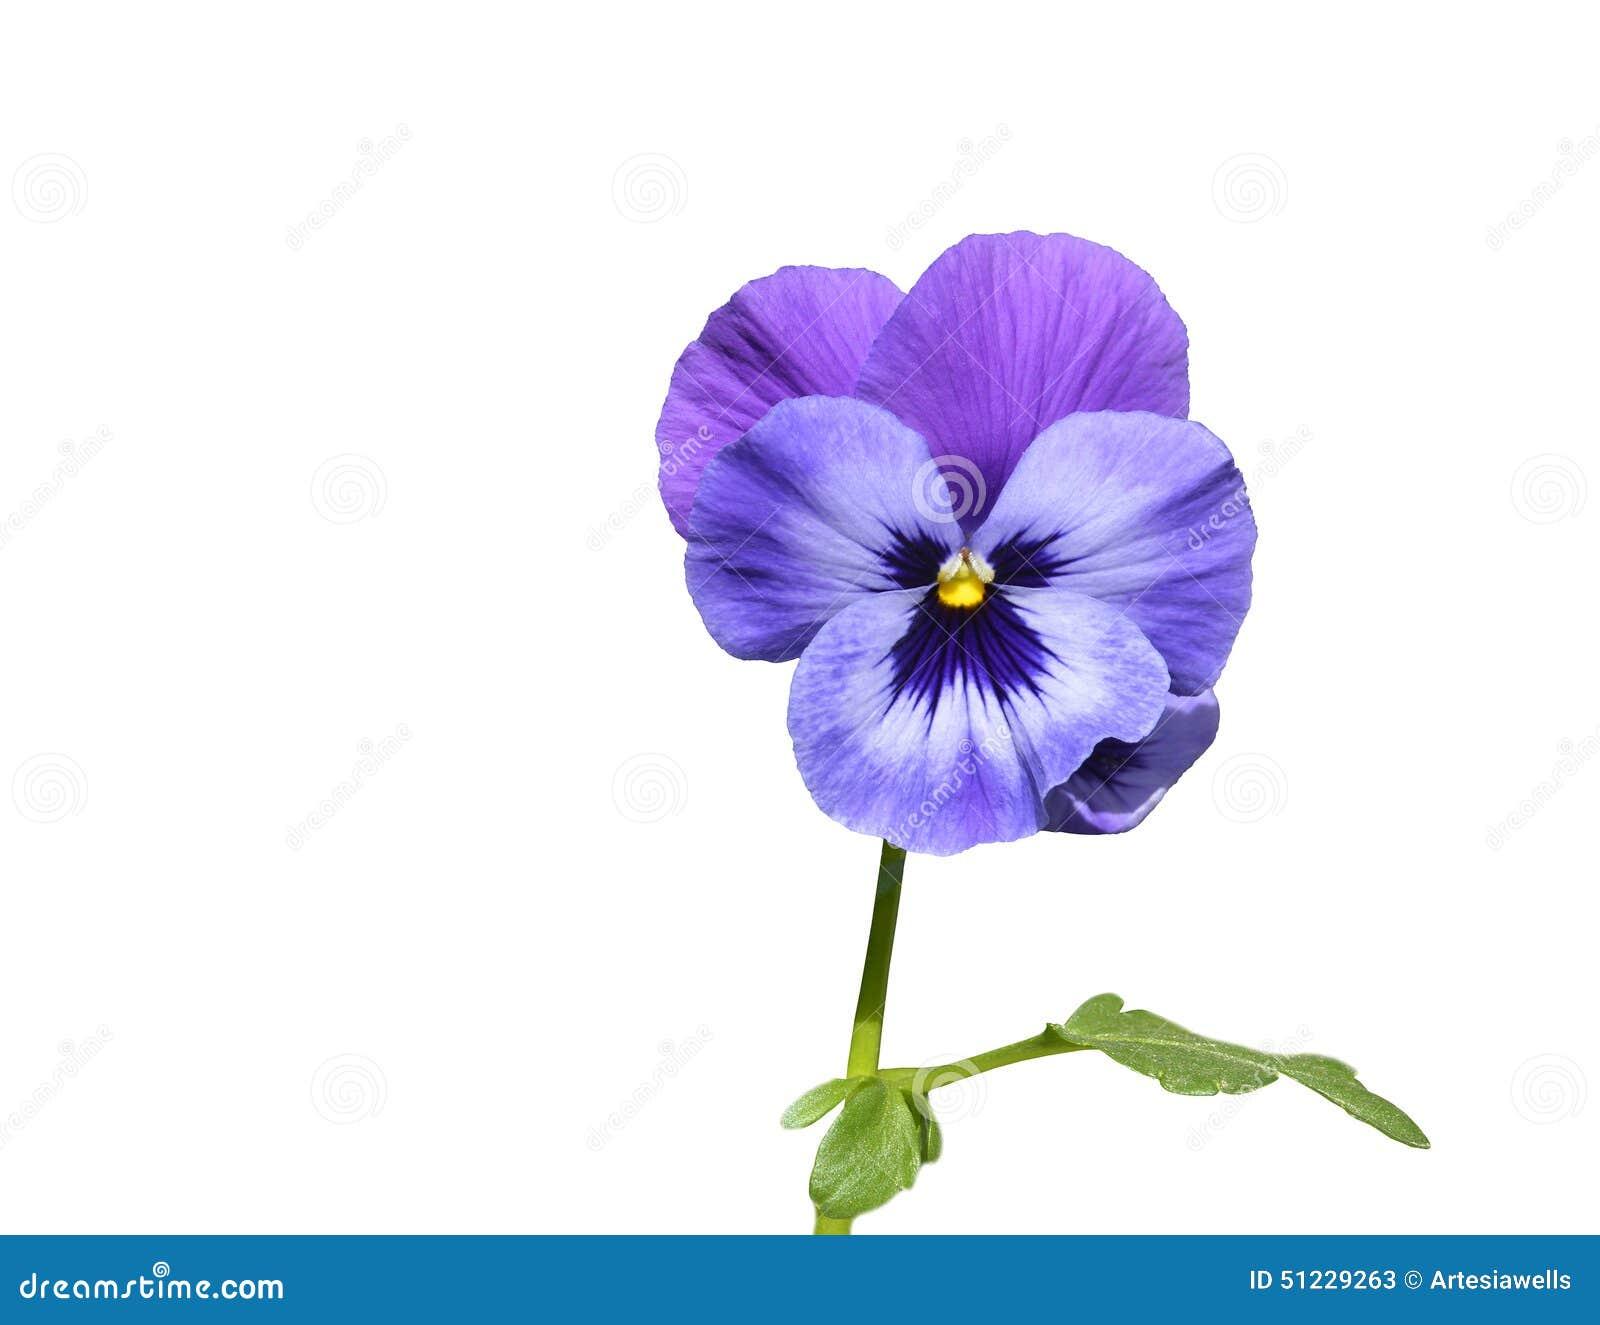 fleur pourpre de pens e avec la feuille photo stock image 51229263. Black Bedroom Furniture Sets. Home Design Ideas